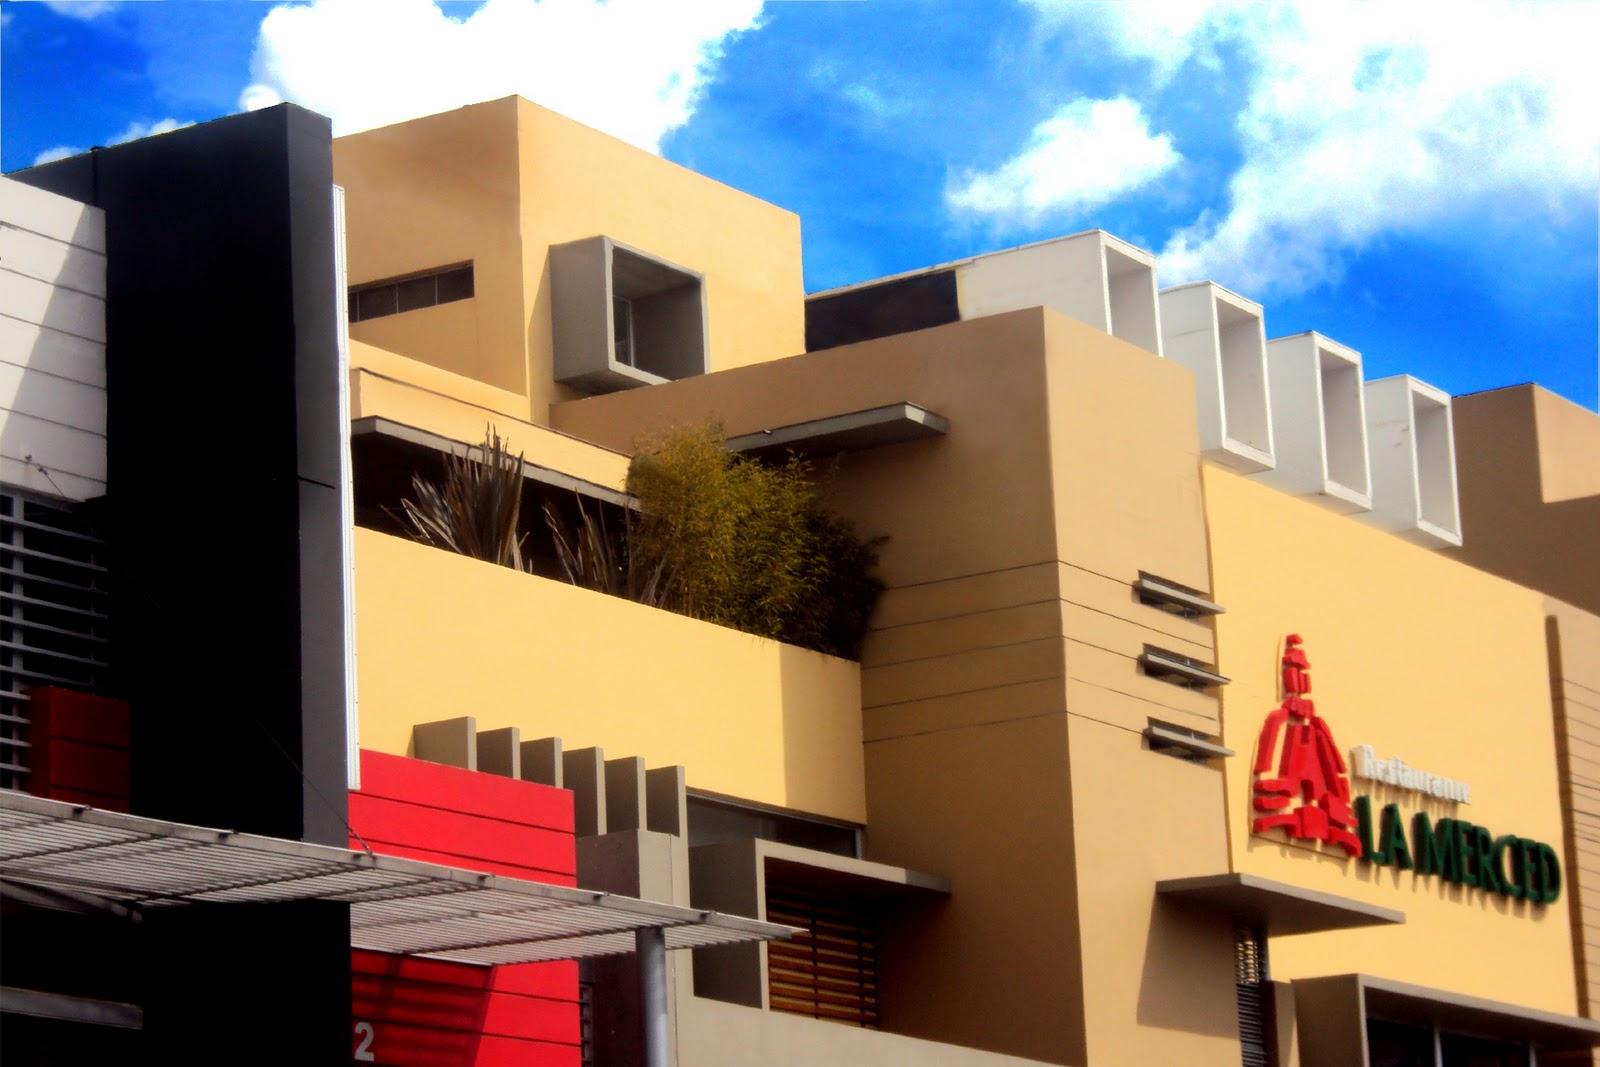 Pasto ciudad sorpresa for Arquitectura moderna en colombia